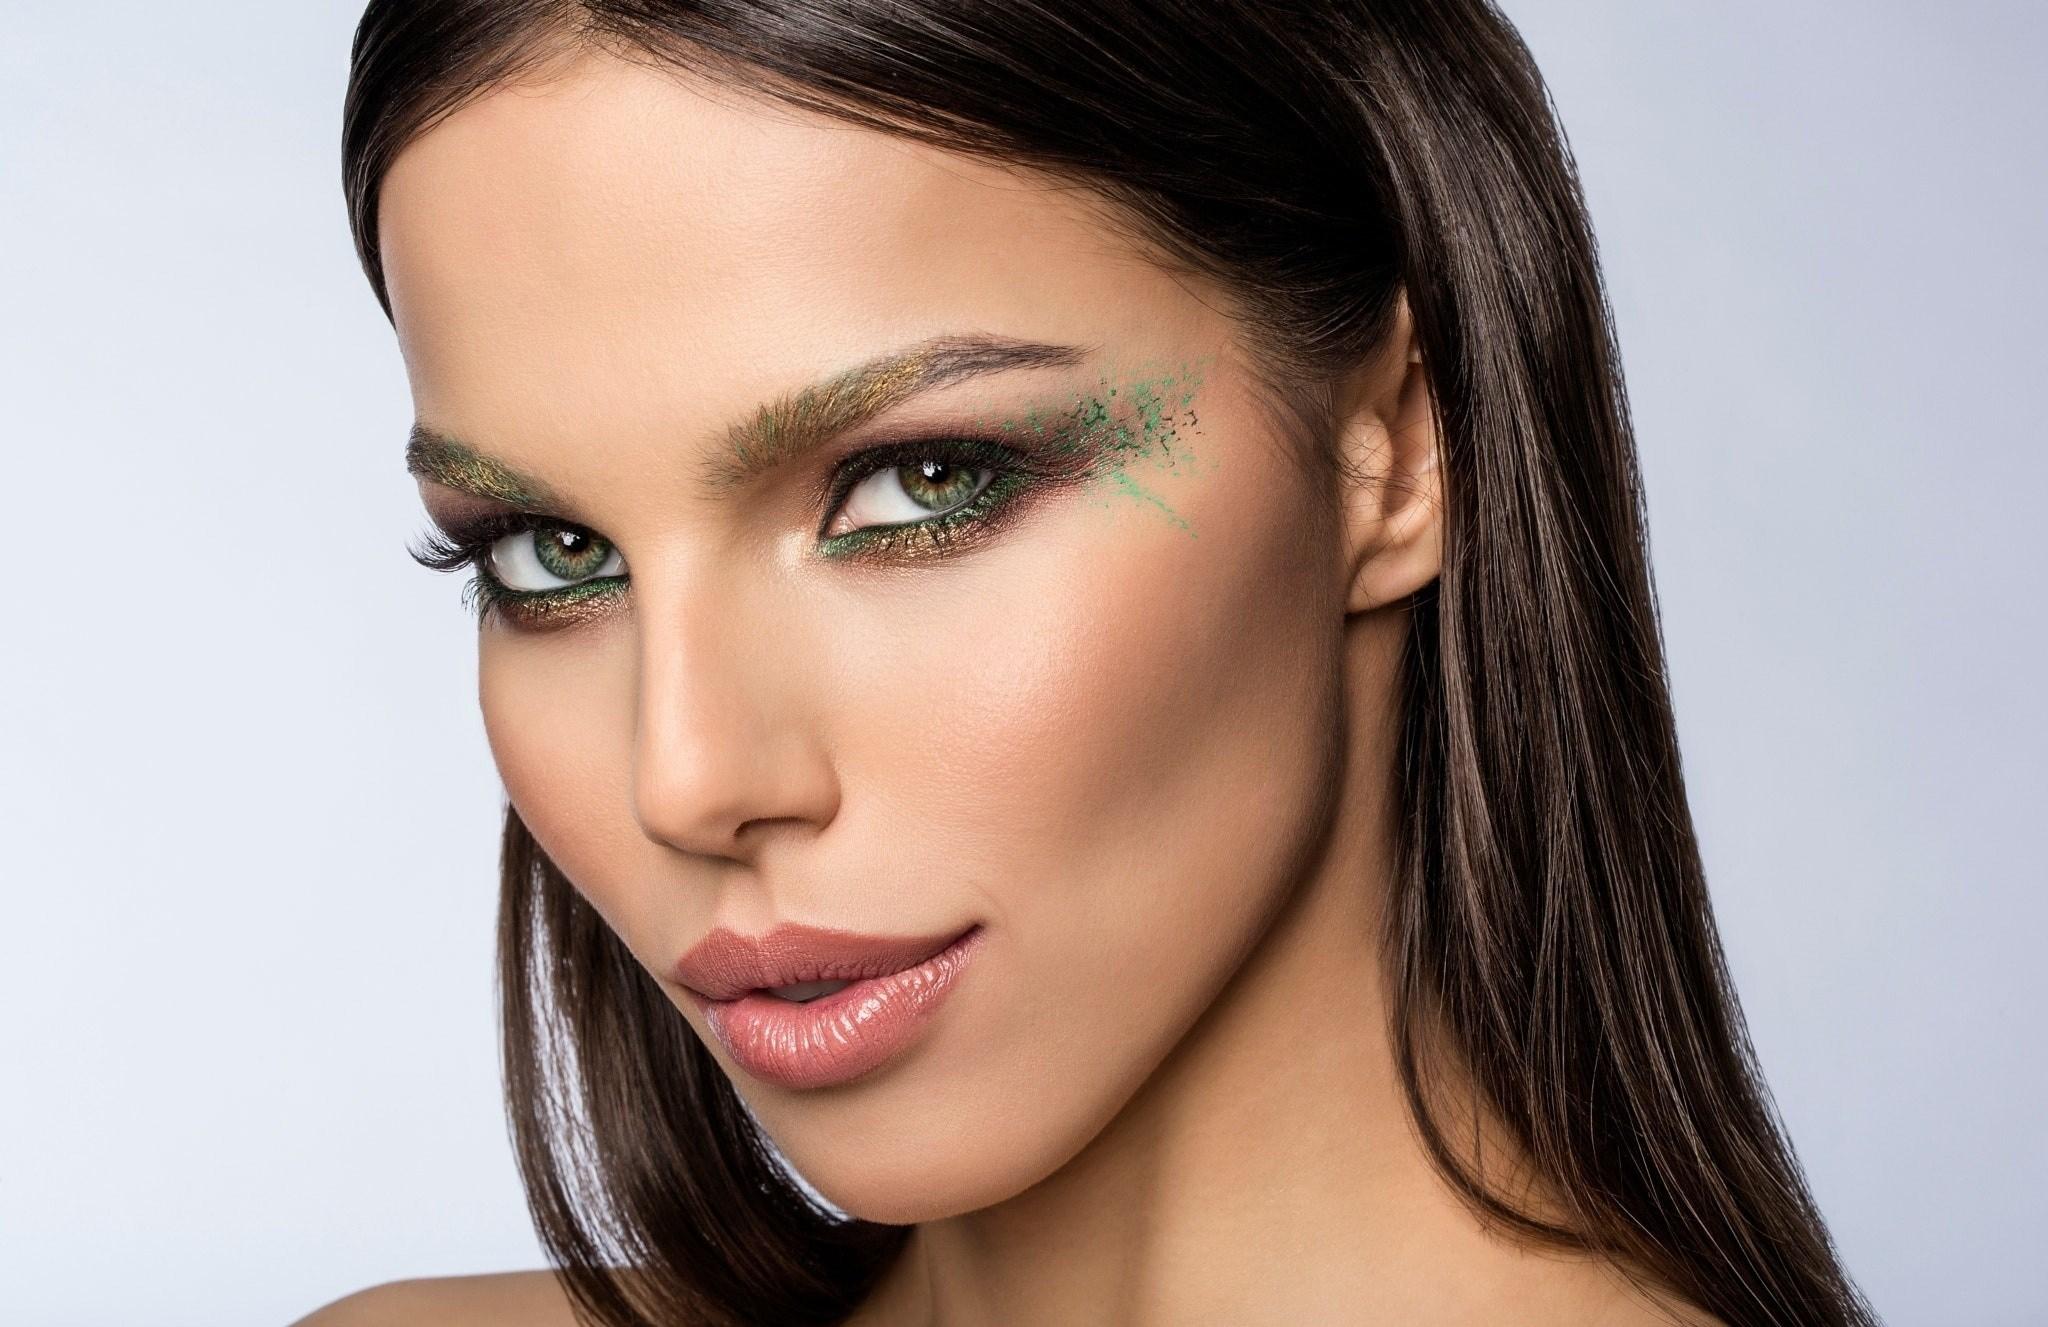 хотите фото женских лиц макияж переплатить